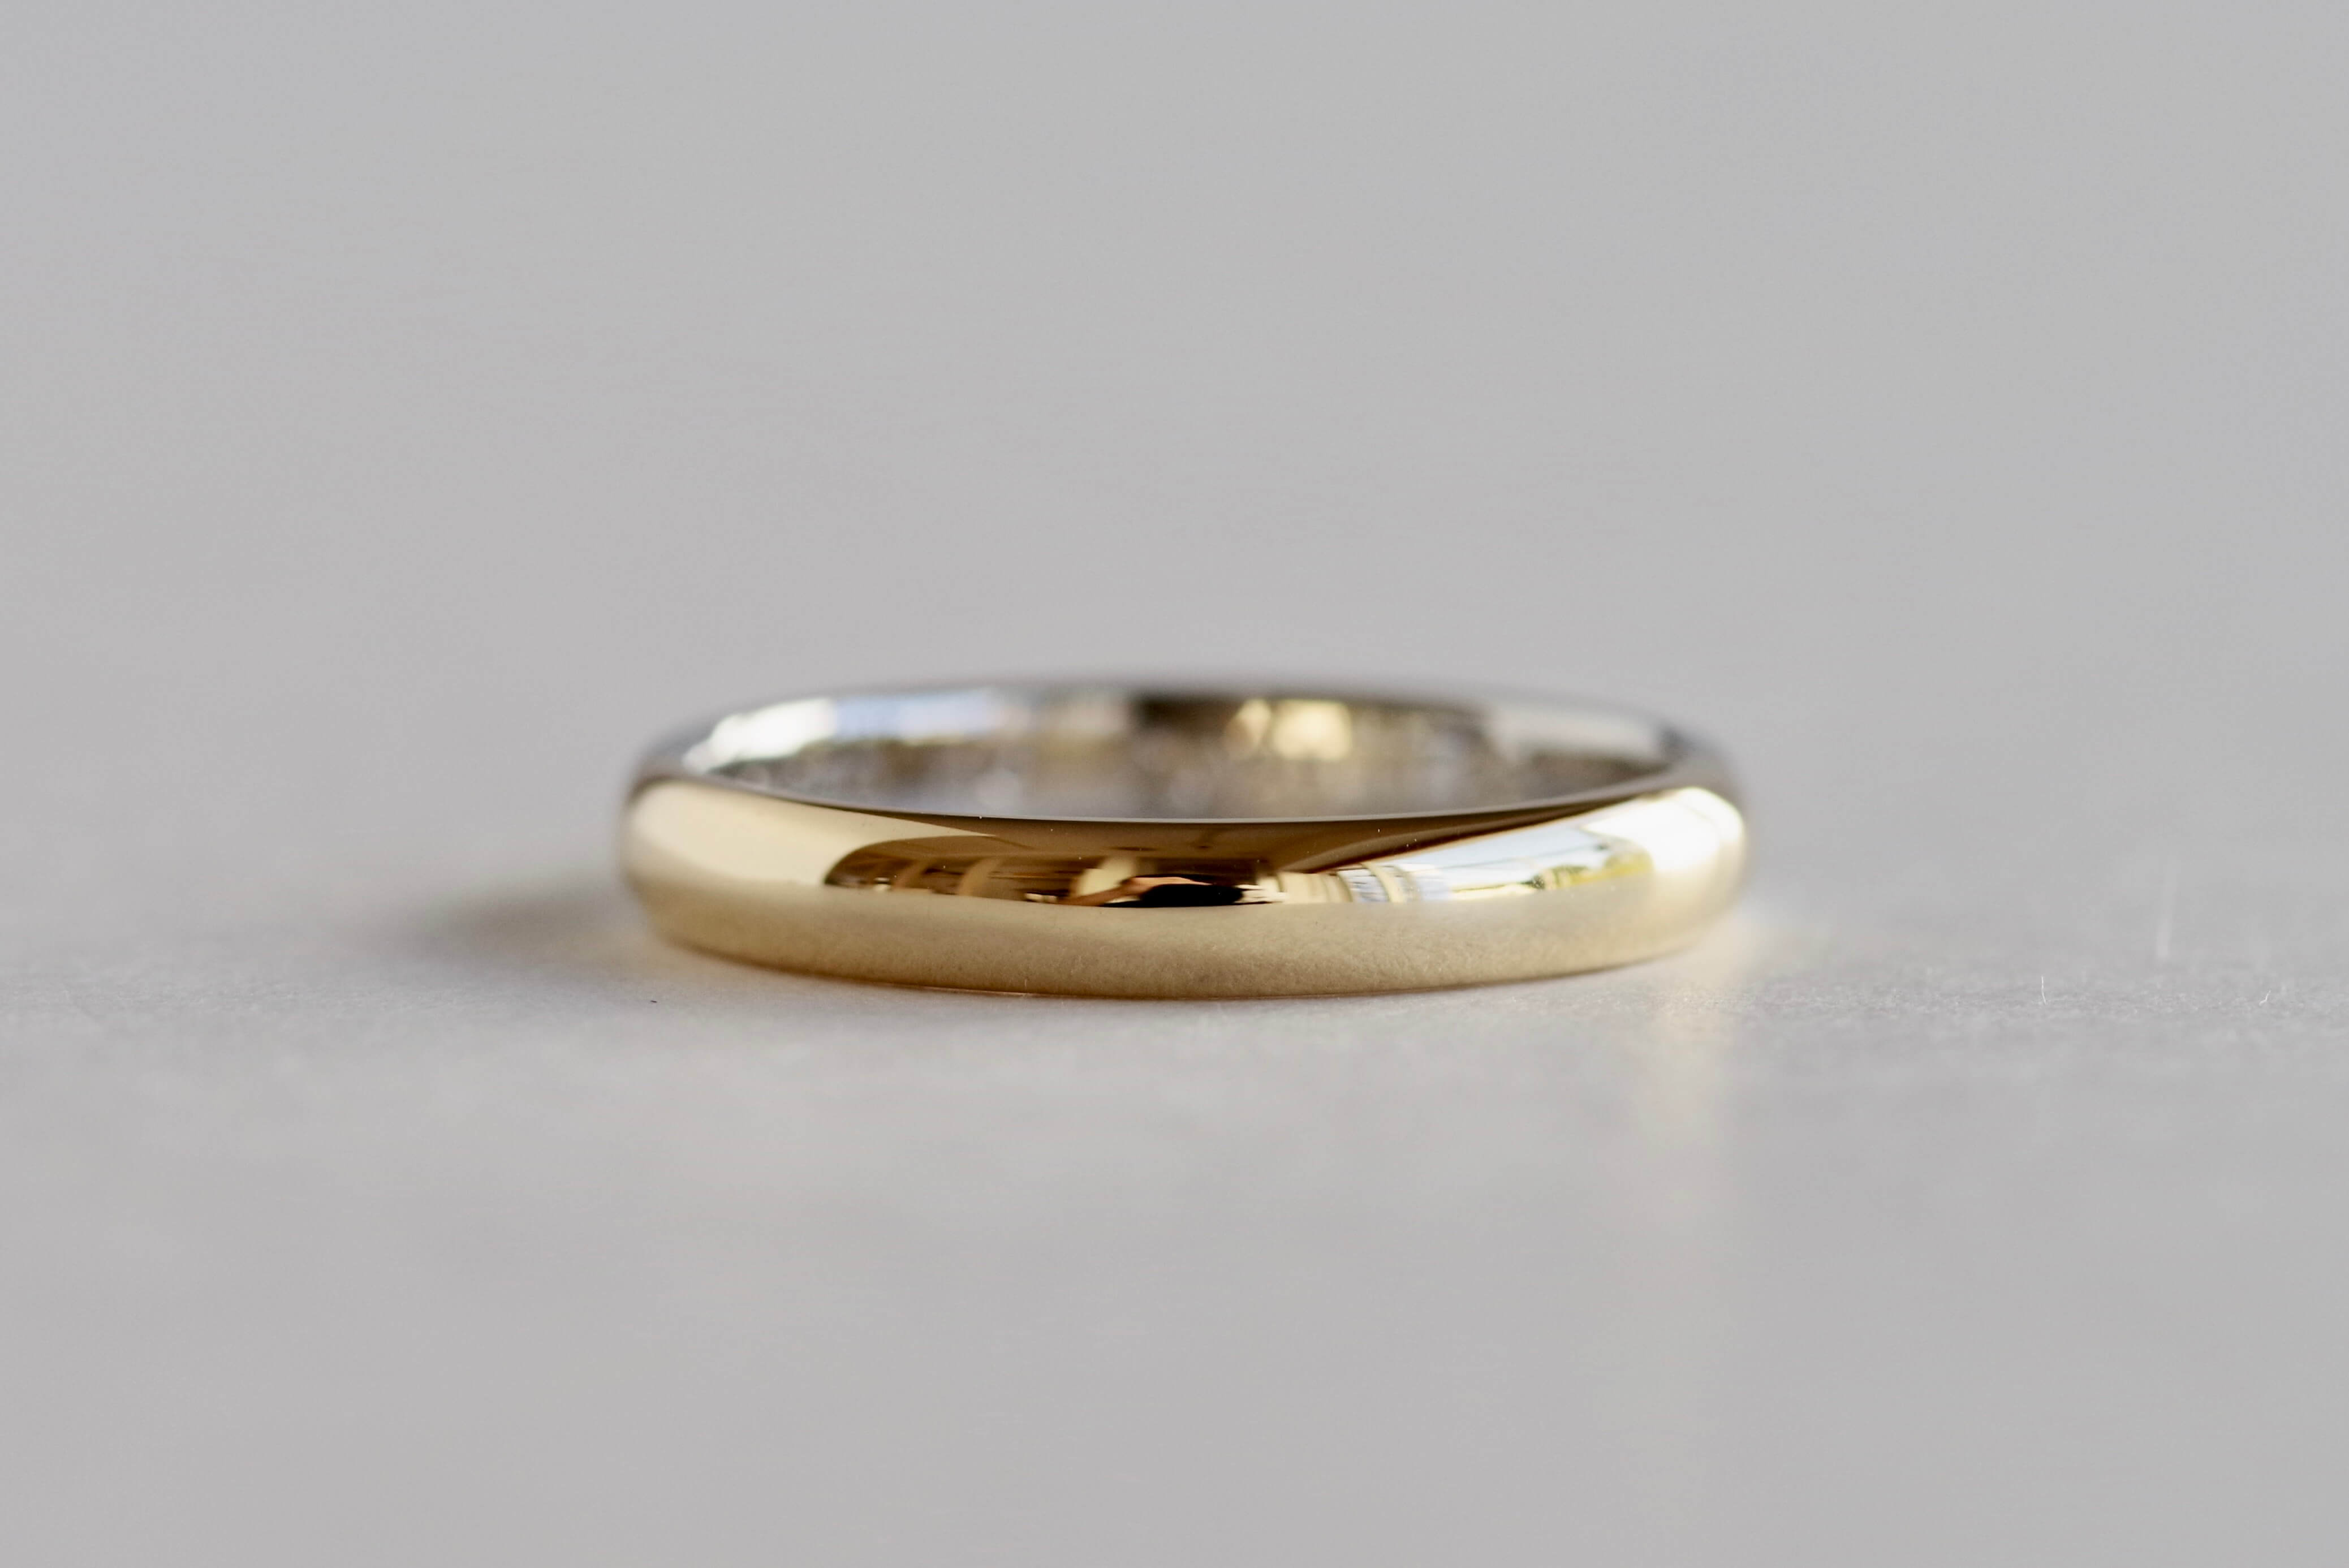 結婚指輪 オーダーメイド ニコちゃんマーク